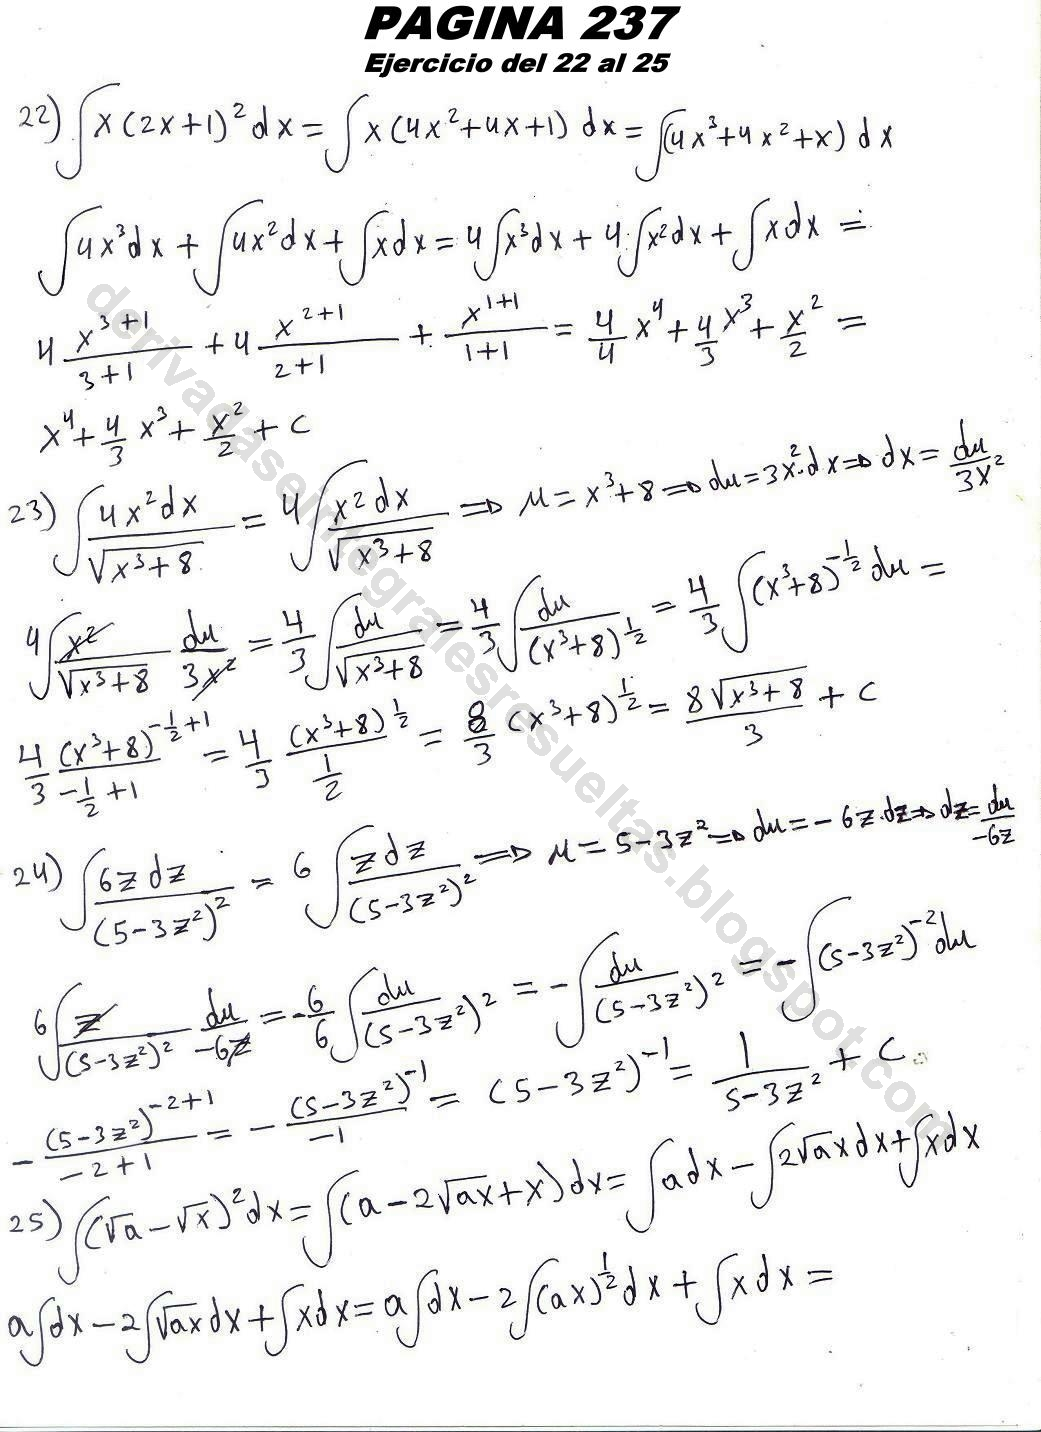 (2011) solucionario de granville de calculo diferencial e integral gratis en espa ol